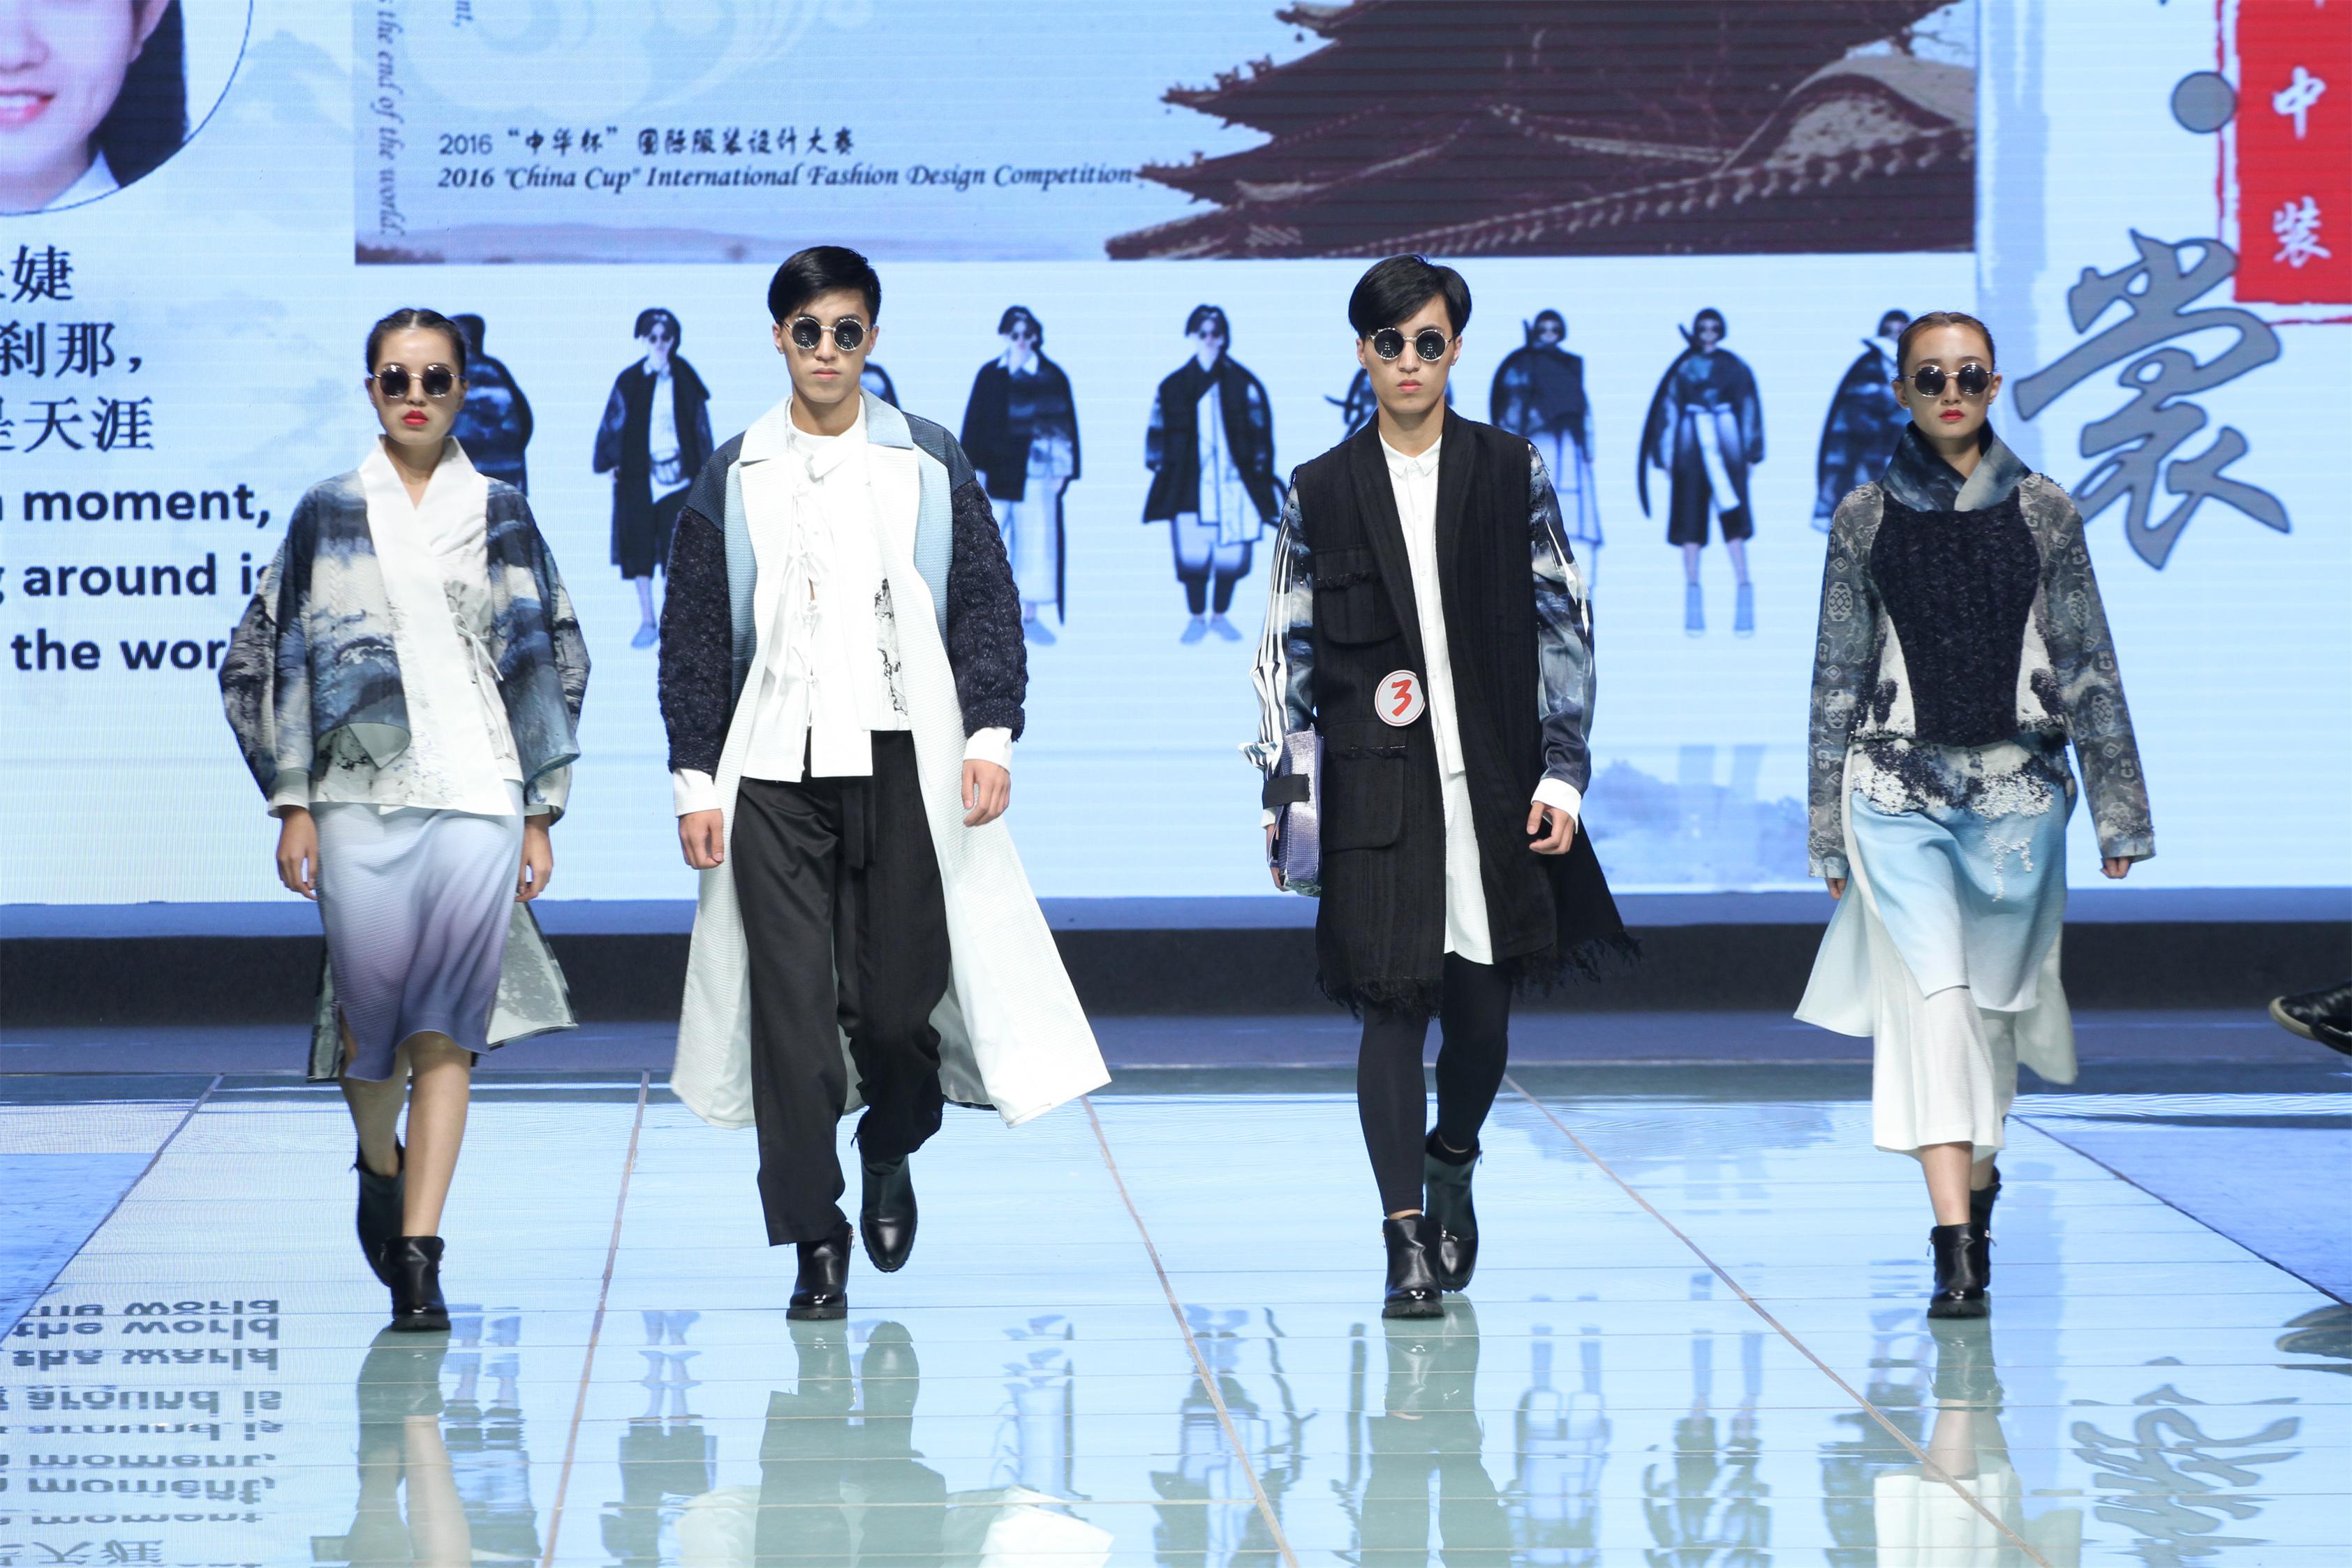 10月17日晚上,上海服装行业协会成立30周年暨2016中华杯国际服装设计大赛拉开帷幕。24个系列的新中装作品接受了评委和观众的检阅,为上海时装周的舞台奉献出一台最具创意、引领潮流的设计佳作。我校中法埃菲时装设计师学院应上海服装行业协会邀请,参与了整个活动的策划、管理、组织以及最终的演出编导。中法学院在校生郑秀莲同学的左右朕意系列亦在角逐中脱颖而出,荣获铜奖殊荣,另有两位毕业生的设计作品分获铜奖与最佳工艺奖。    作为2017春夏上海时装周官方日程的重头戏中华杯回归20周年系列活动在